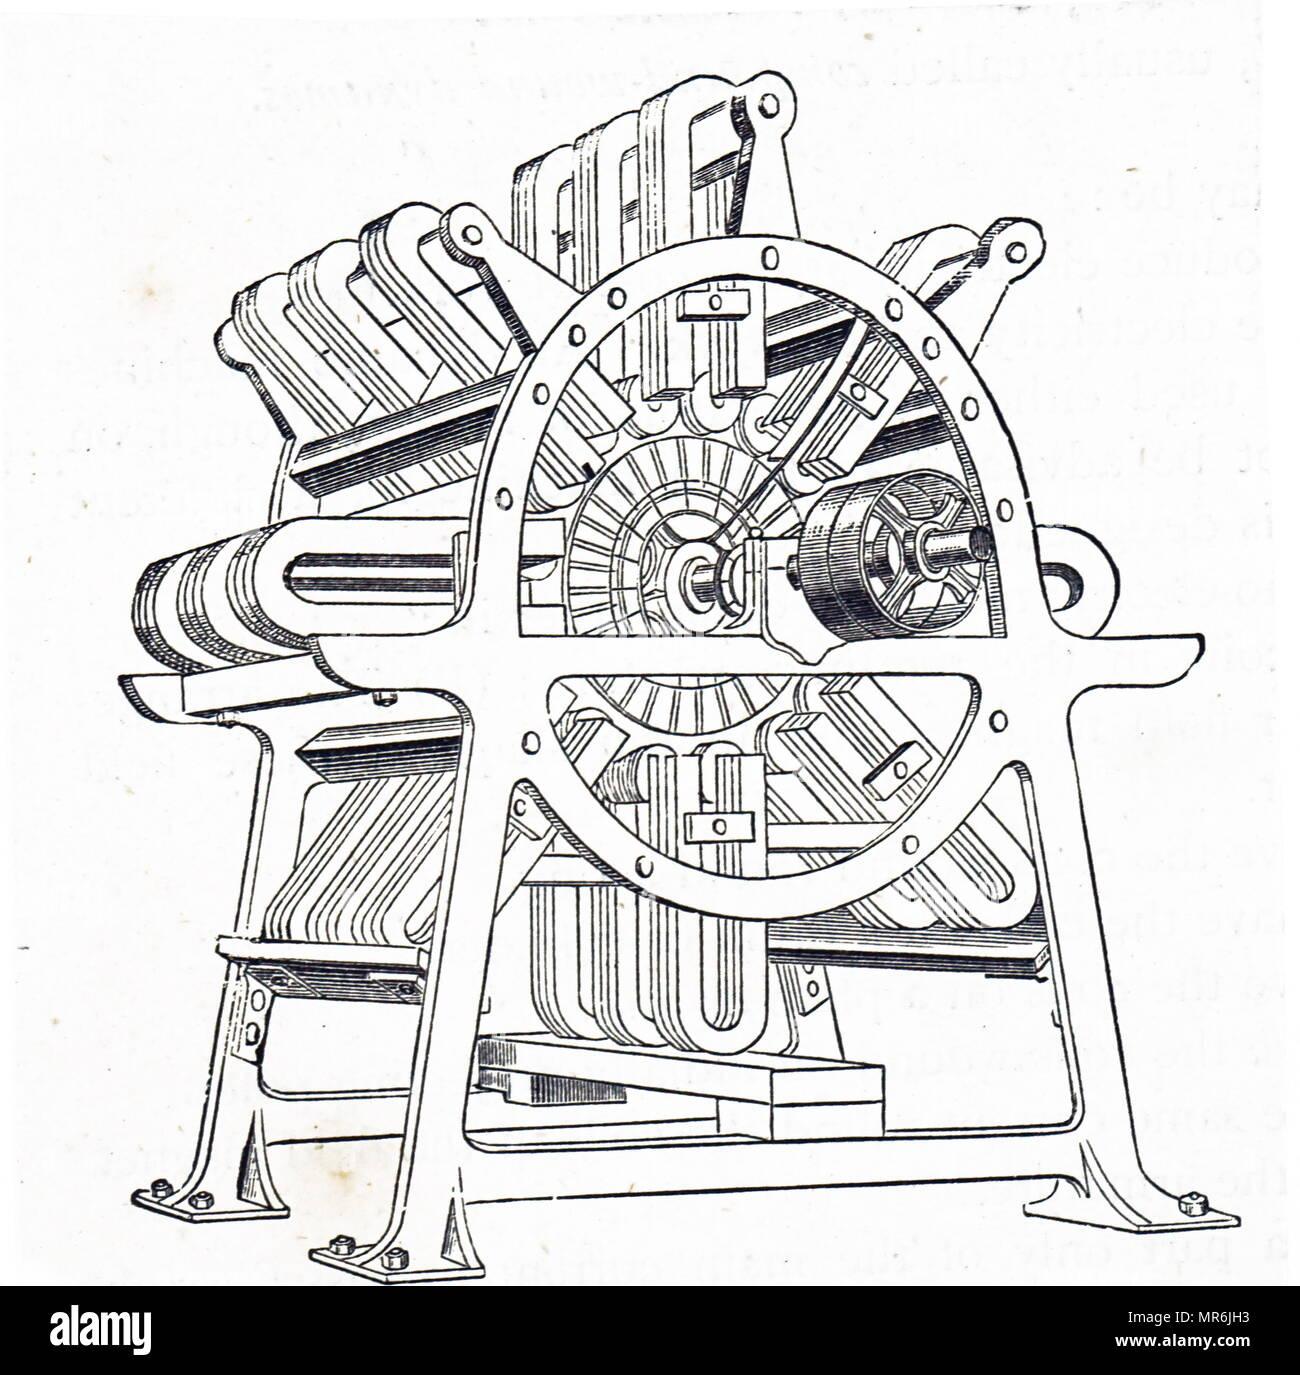 Kupferstich mit der Darstellung der Allianz Generator. Vom 19. Jahrhundert Stockbild